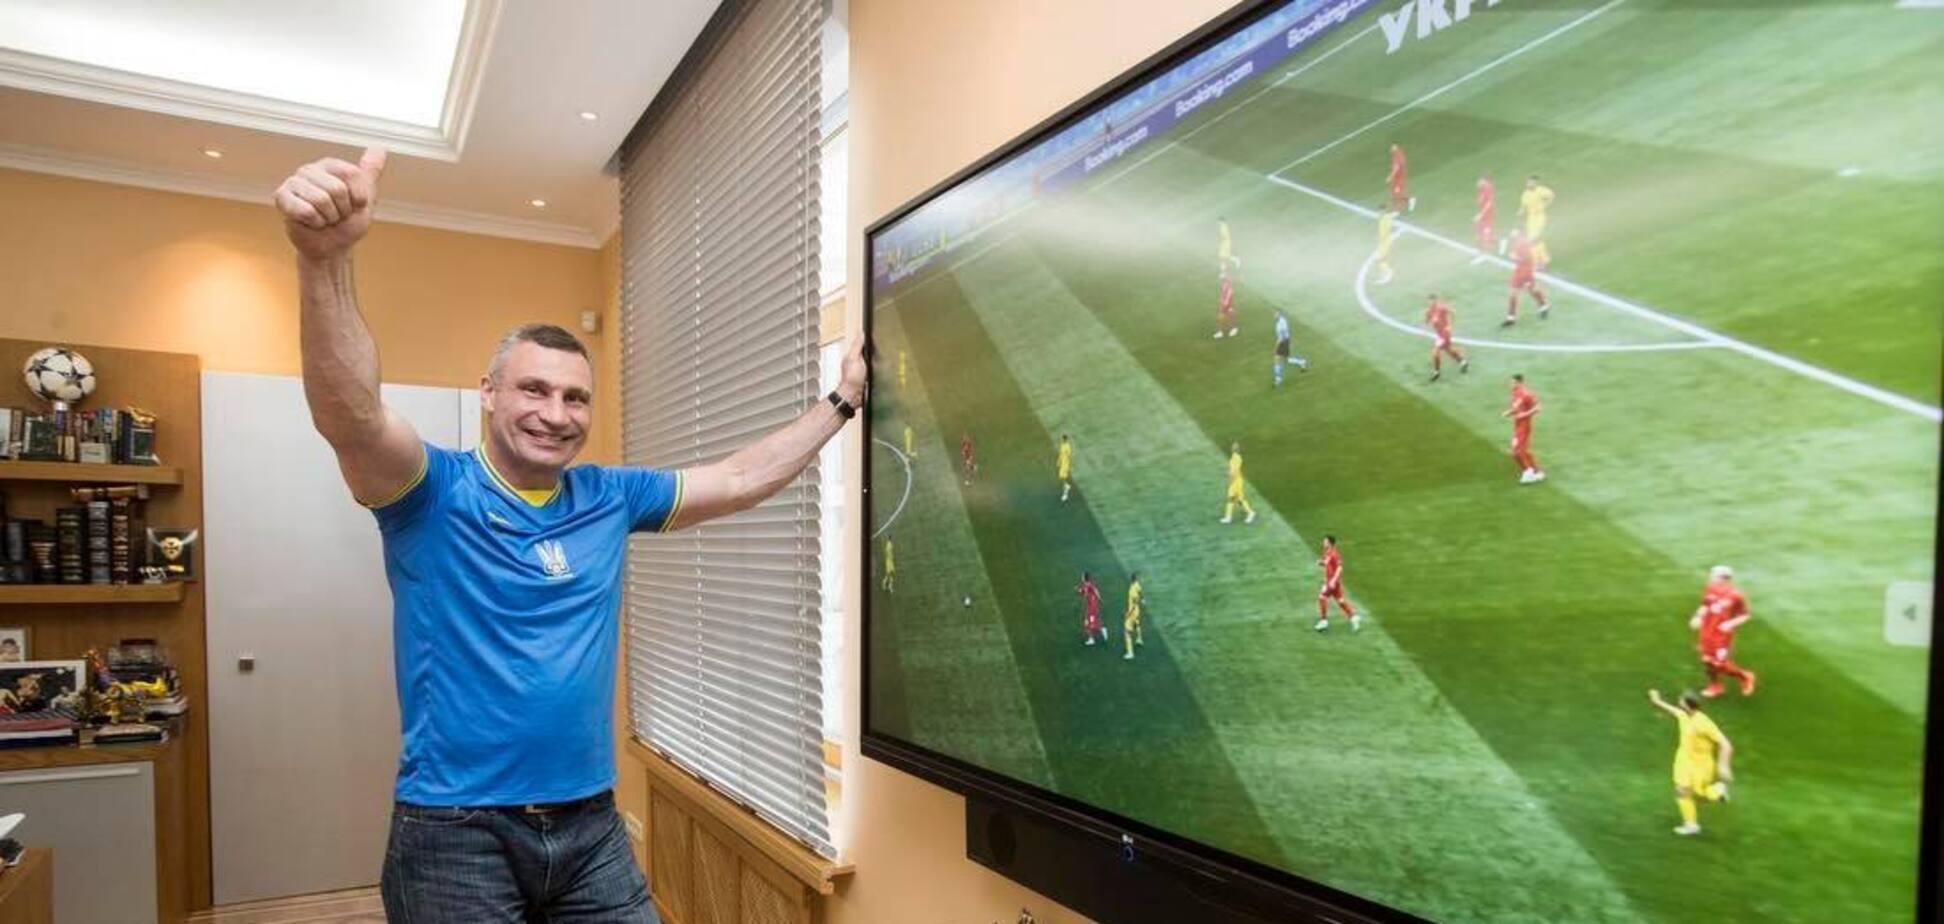 Кличко показал, как болеет за национальную сборную на Евро-2020